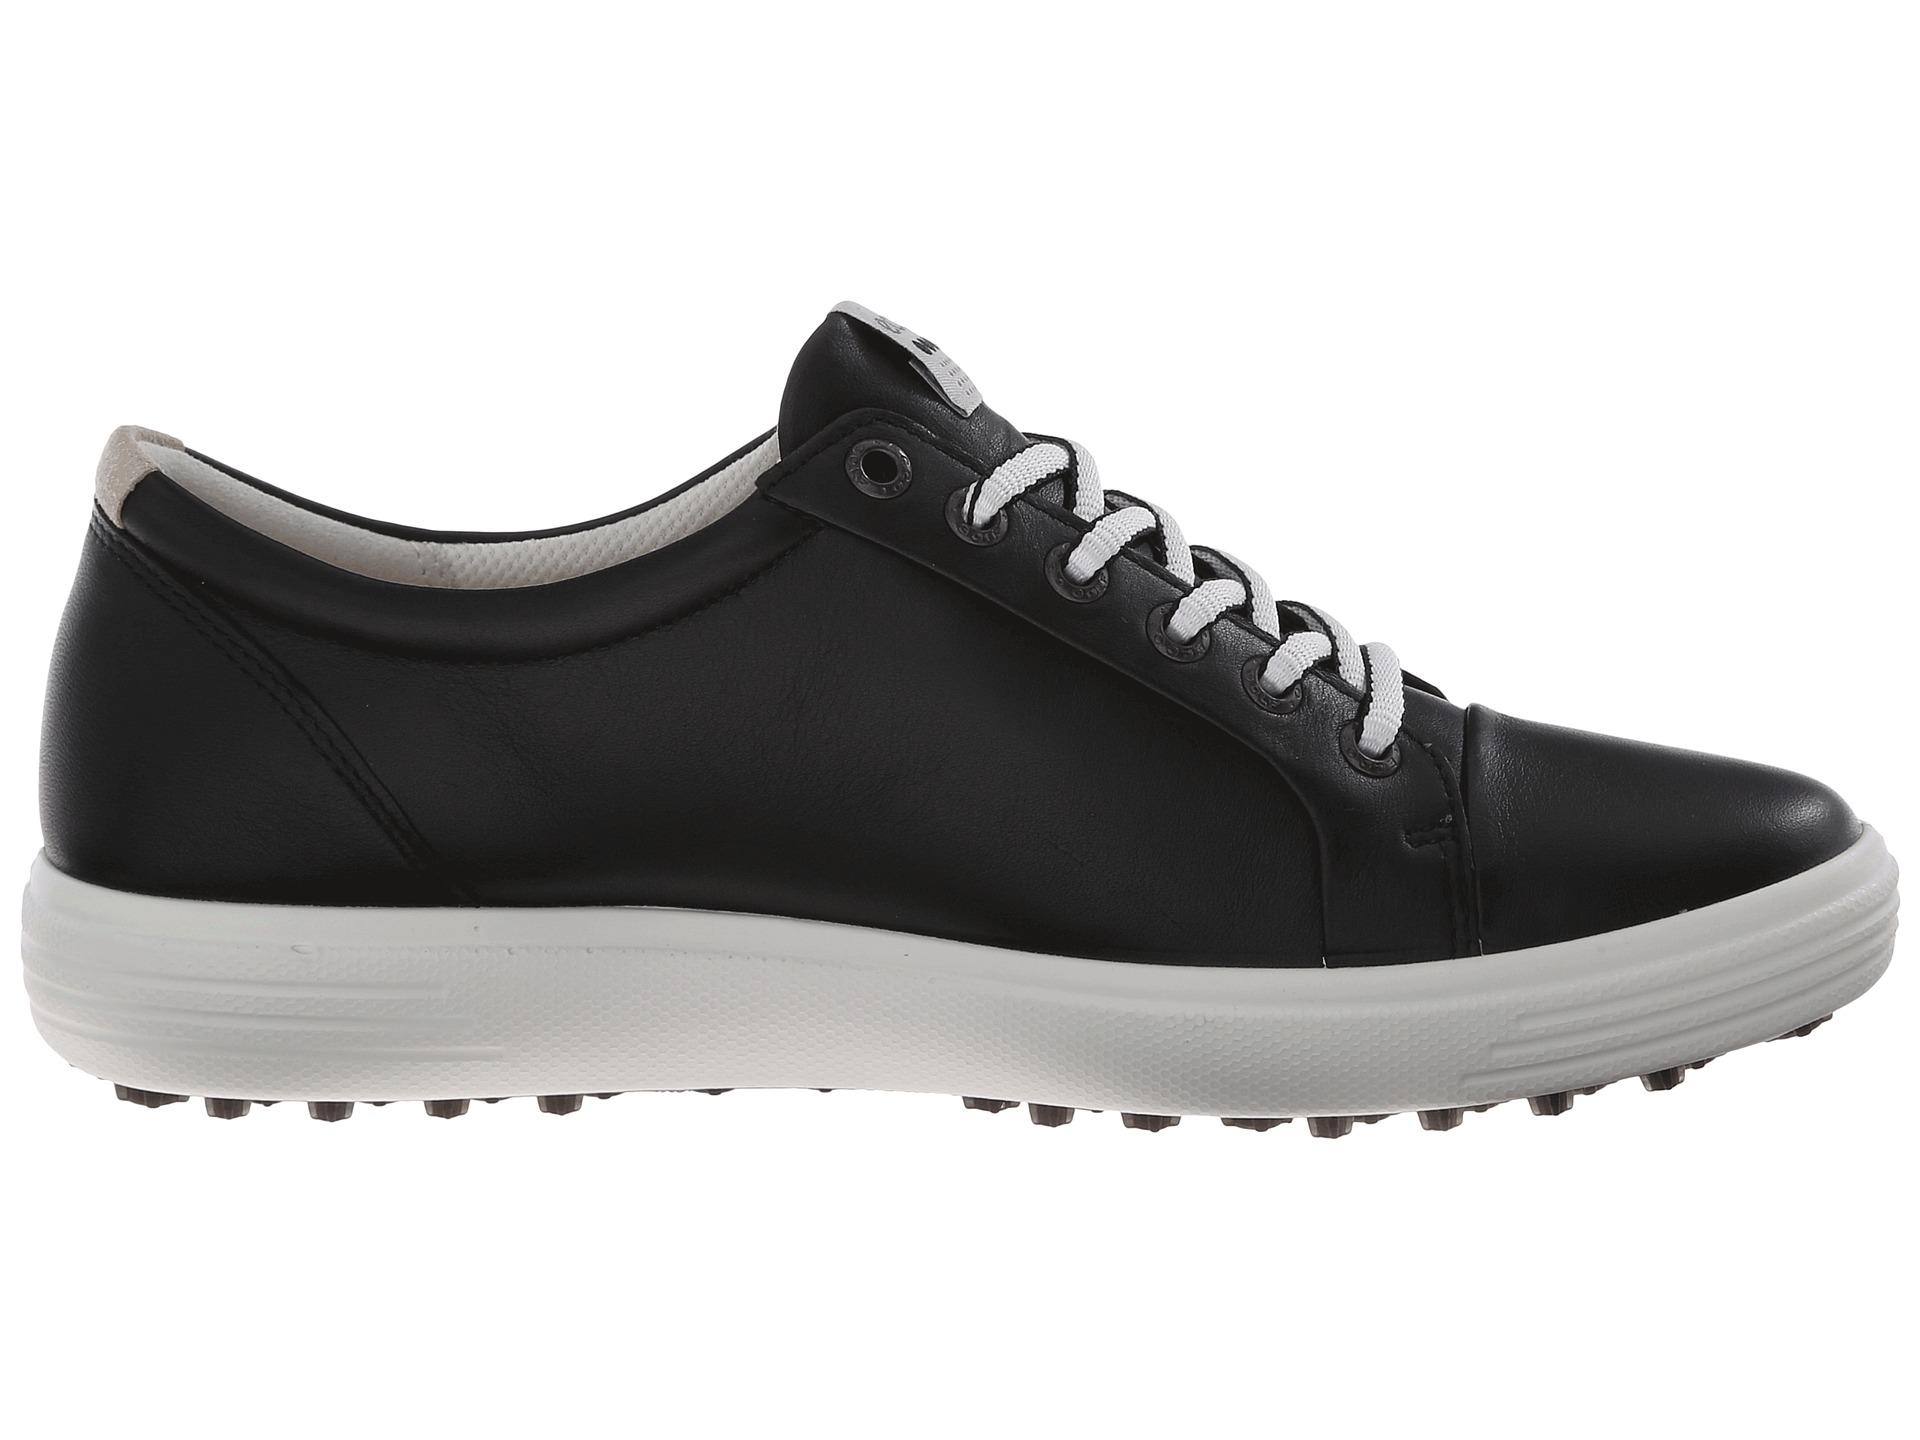 Cheap Tennis Shoes Perth